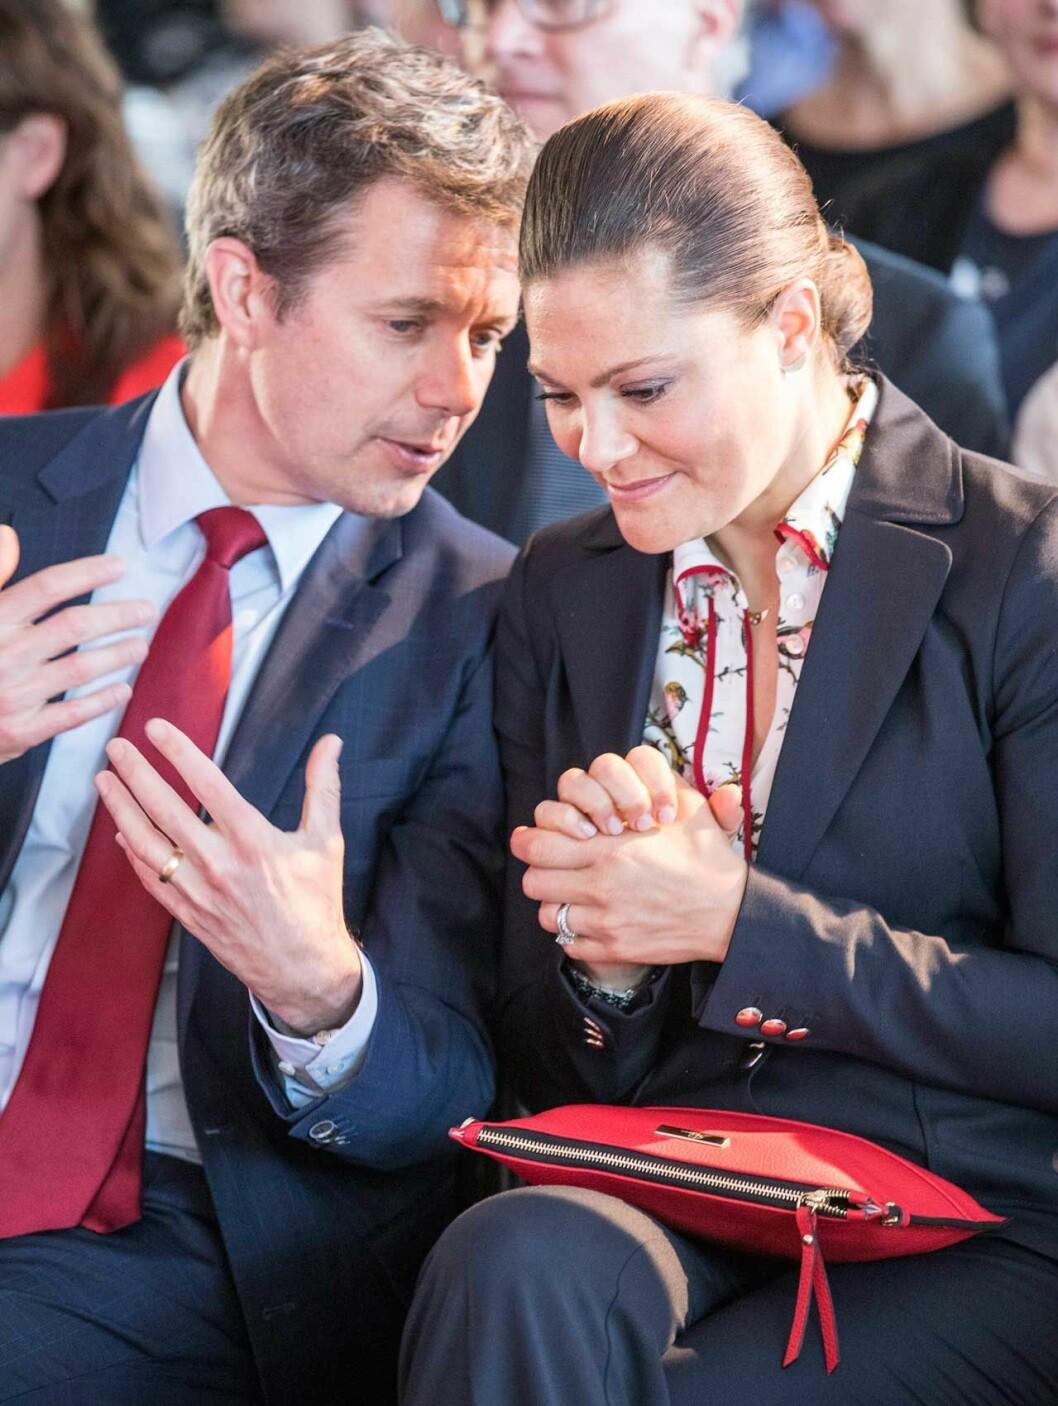 Kronprins Frederik och kronprinsessan Victoria är nära släkt, deras föräldrar är kusiner.